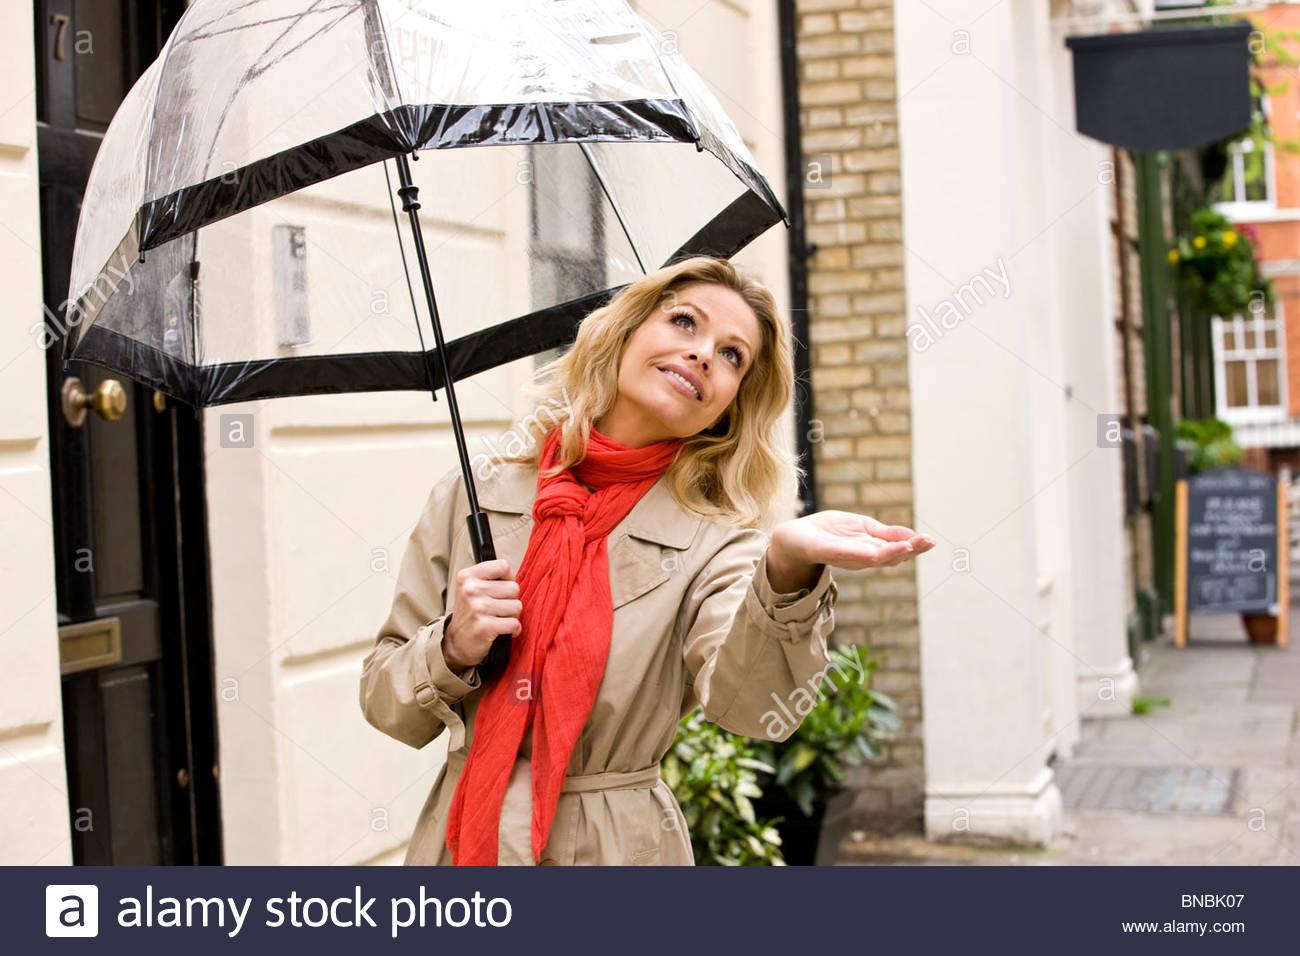 Eine Mitte Erwachsene Frau mit Regenschirm, Regen wird gesucht Stockbild